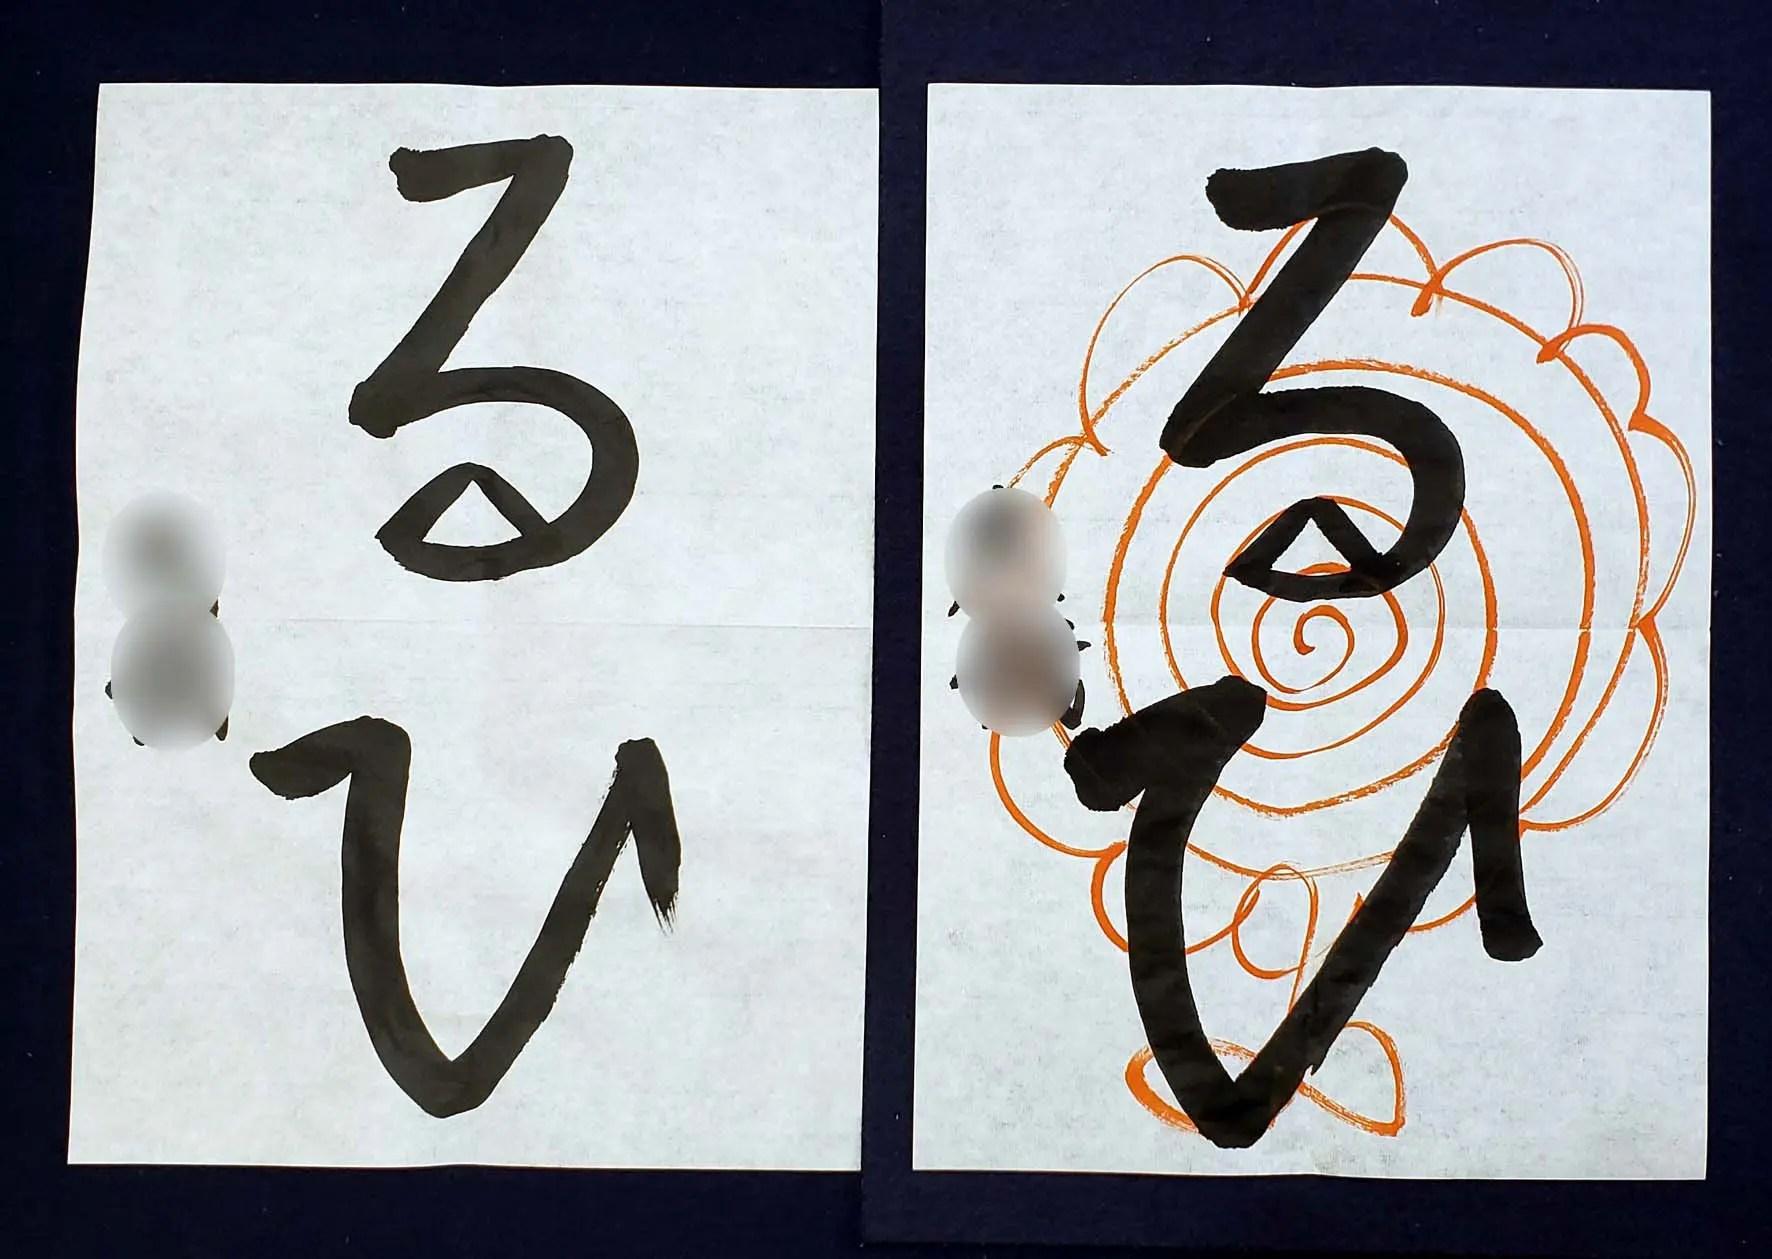 平仮名「るひ」生徒さんビフォーアフター作品